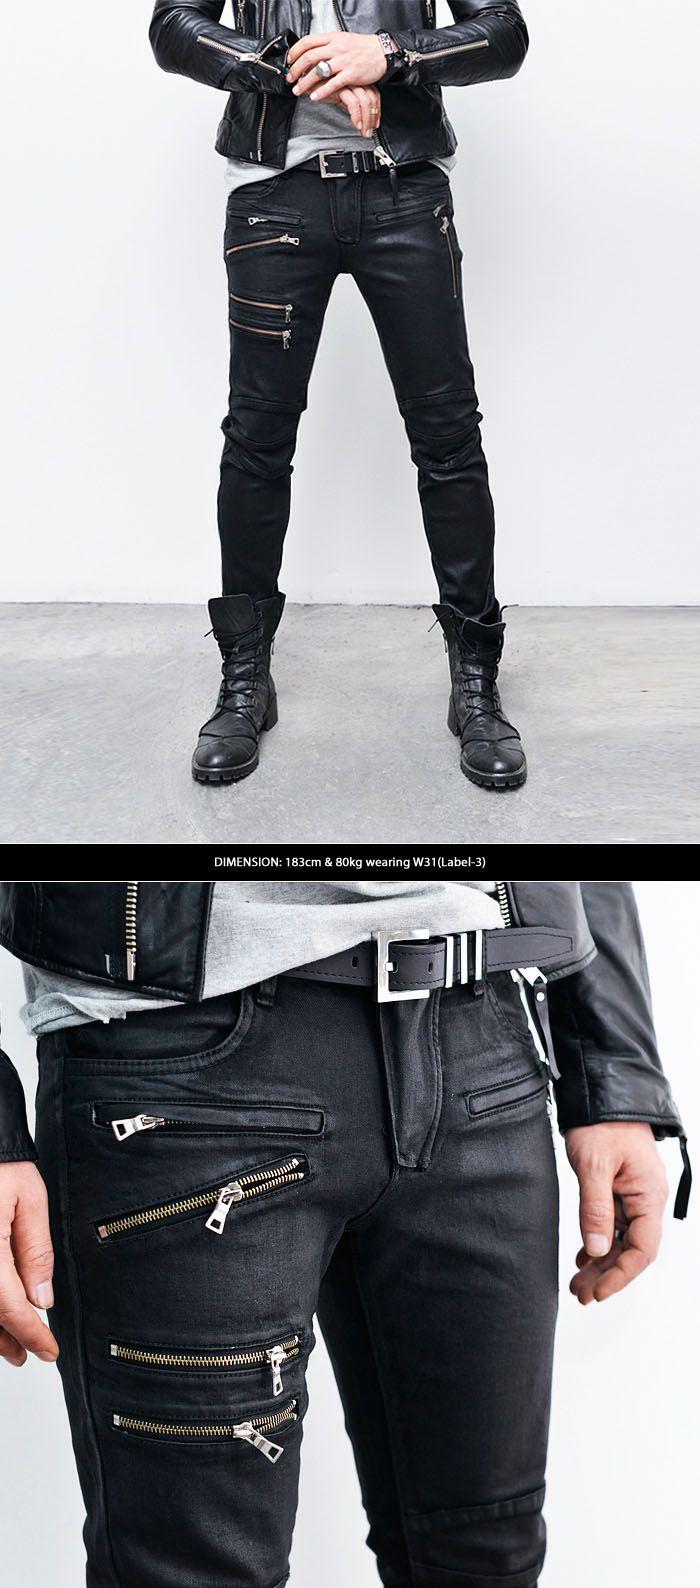 coated multi zipper black skinny biker jeans style pinterest biker jeans bikers and skinny. Black Bedroom Furniture Sets. Home Design Ideas